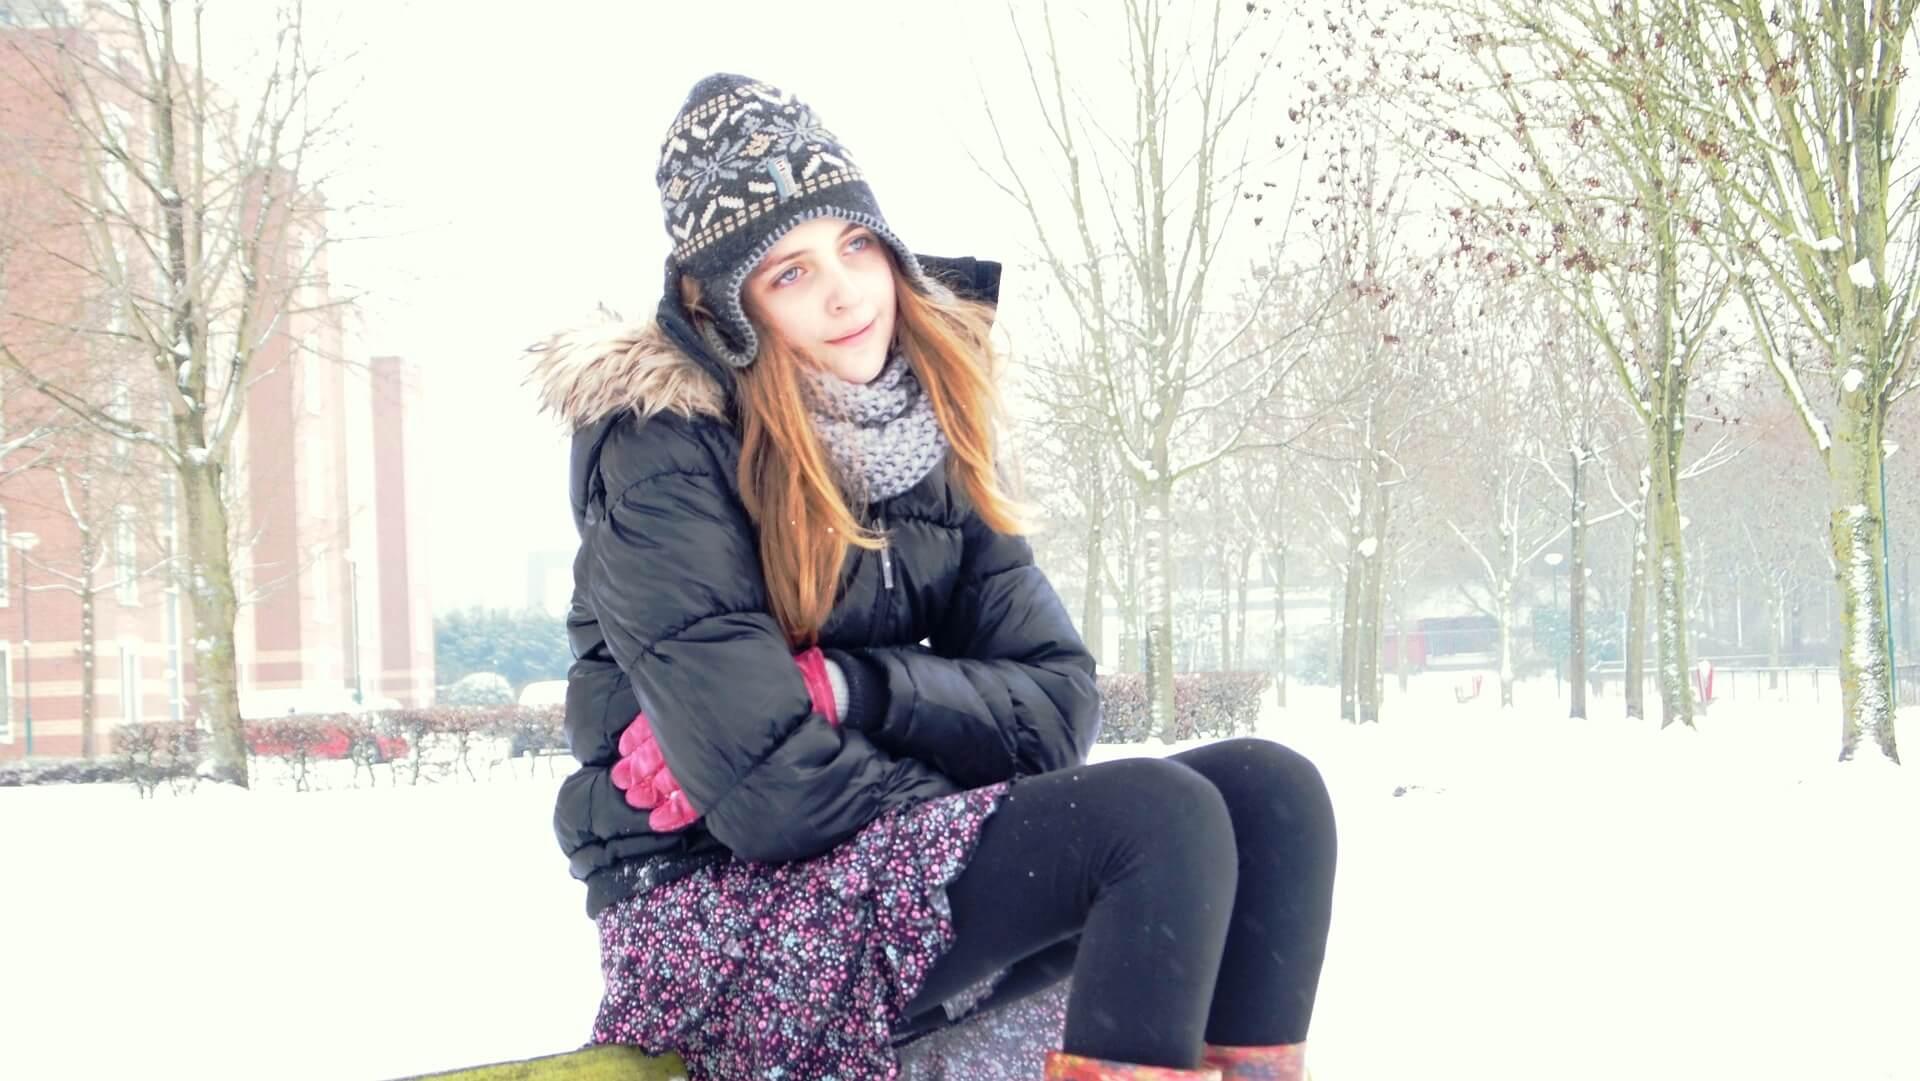 ミニスカートを穿く冬の女性